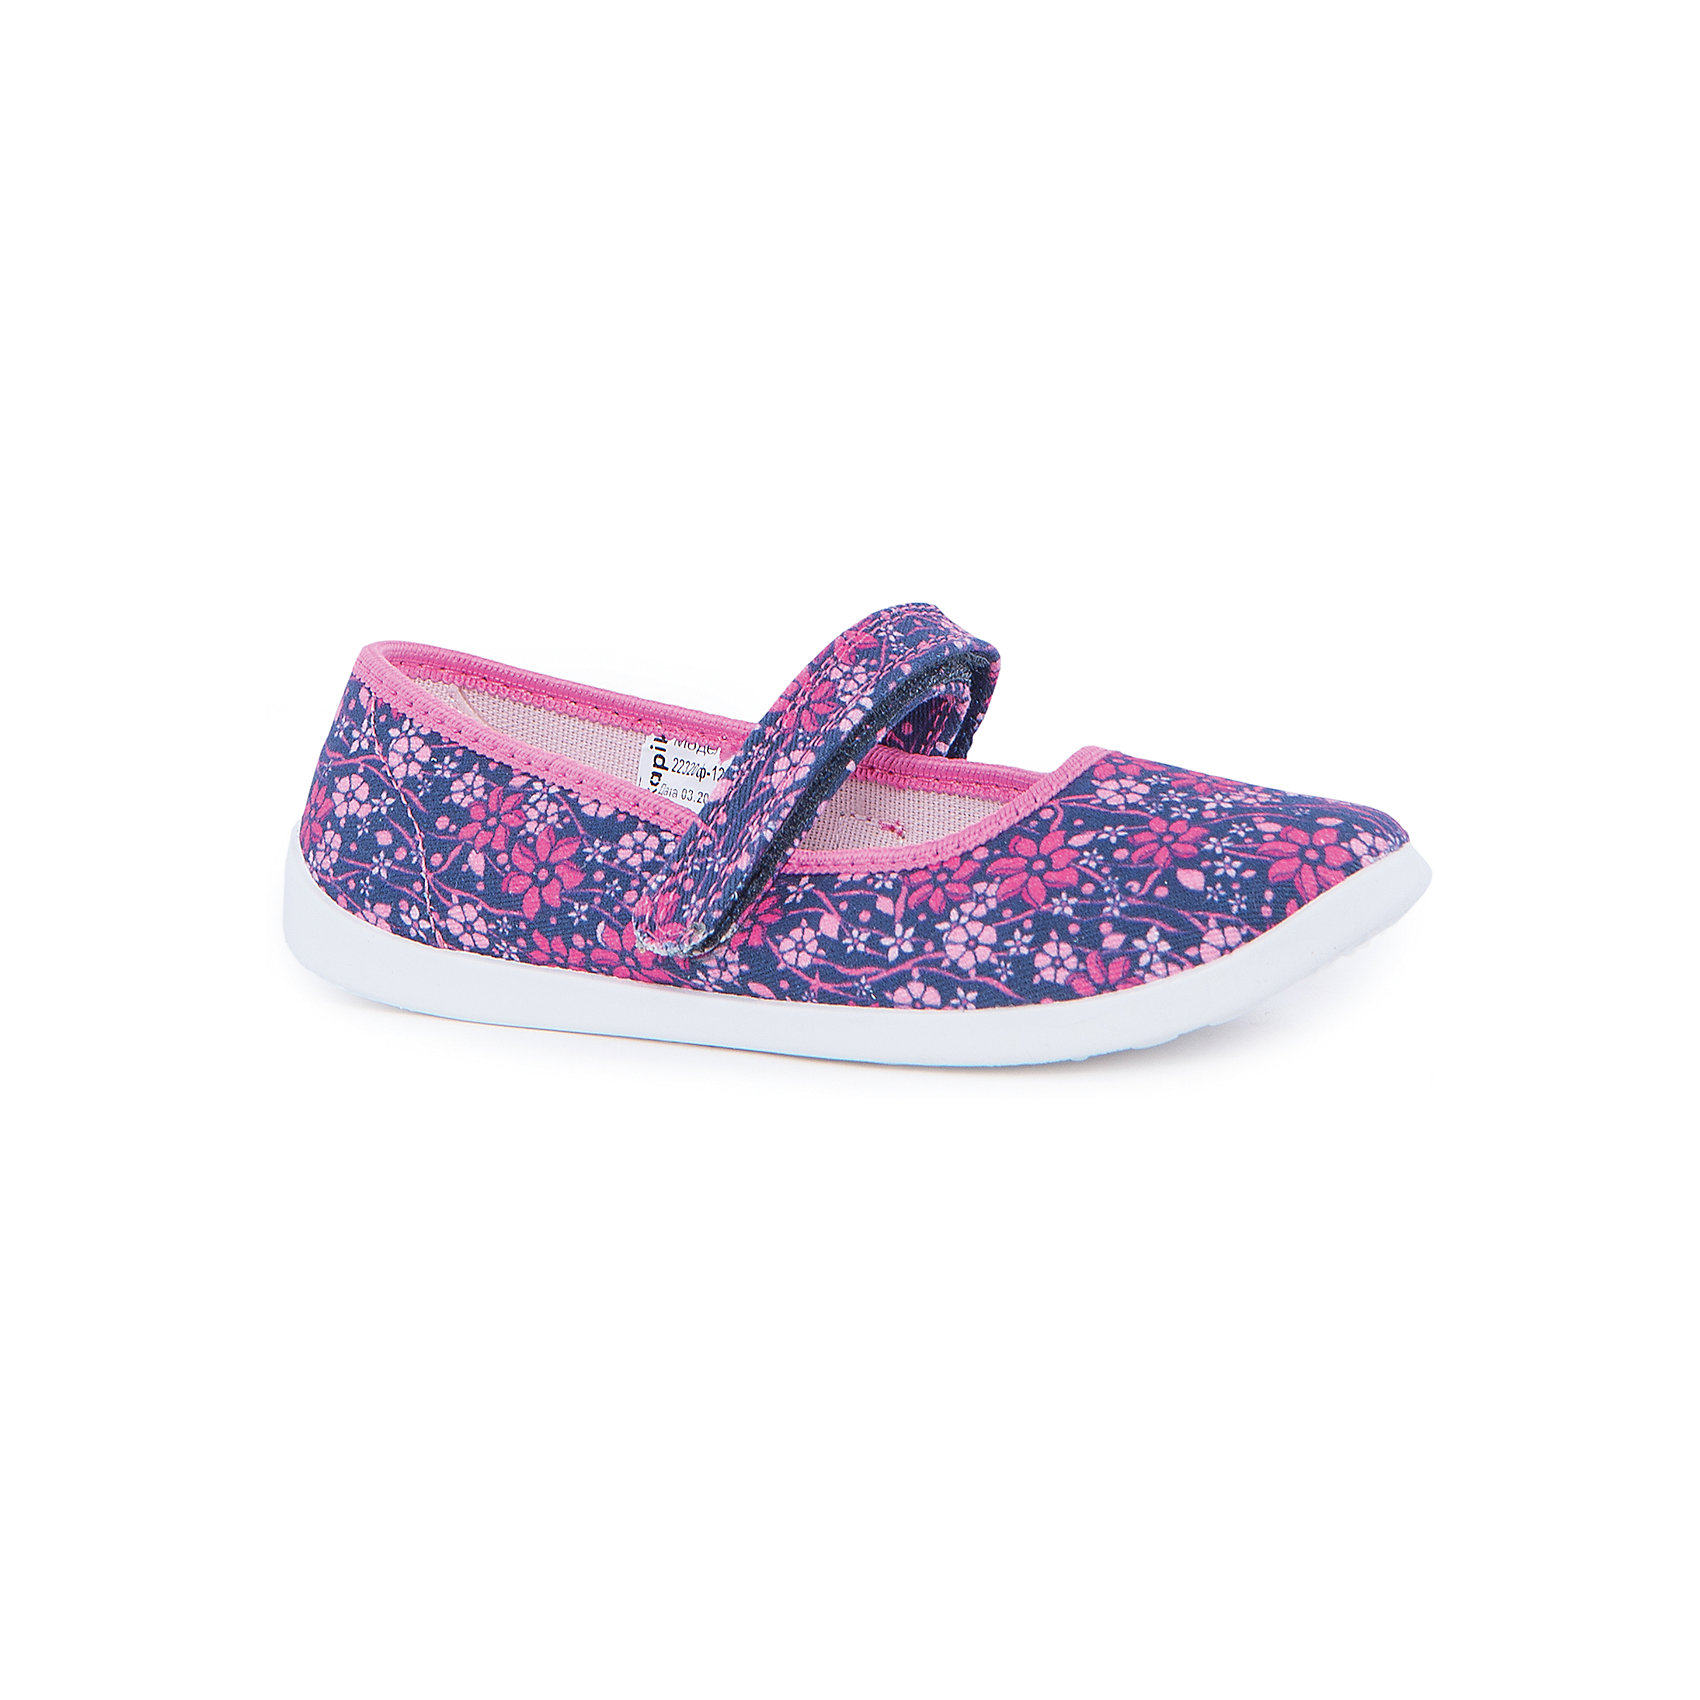 Туфли для девочки KAPIKAТуфли для девочки KAPIKA станут отличным вариантом для летних прогулок. Туфельки очень удобные и не будут натирать ножки. Они не будут сковывать движение и прогулки станут особенно интересными. <br><br>Характеристика:<br>-Цвет: фиолетовый с рисунком<br>-Материал: верх - текстиль, стелька - кожа,                       подошва - полимер,                       подкладка - текстиль<br>-Застёжка: липучка<br>-Бренд: KAPIKA(КАПИКА)<br><br>Туфли для девочки KAPIKA  вы можете приобрести в нашем интернет- магазине.<br><br>Ширина мм: 227<br>Глубина мм: 145<br>Высота мм: 124<br>Вес г: 325<br>Цвет: синий<br>Возраст от месяцев: 132<br>Возраст до месяцев: 144<br>Пол: Женский<br>Возраст: Детский<br>Размер: 35,30,34,33,32,31<br>SKU: 4987740